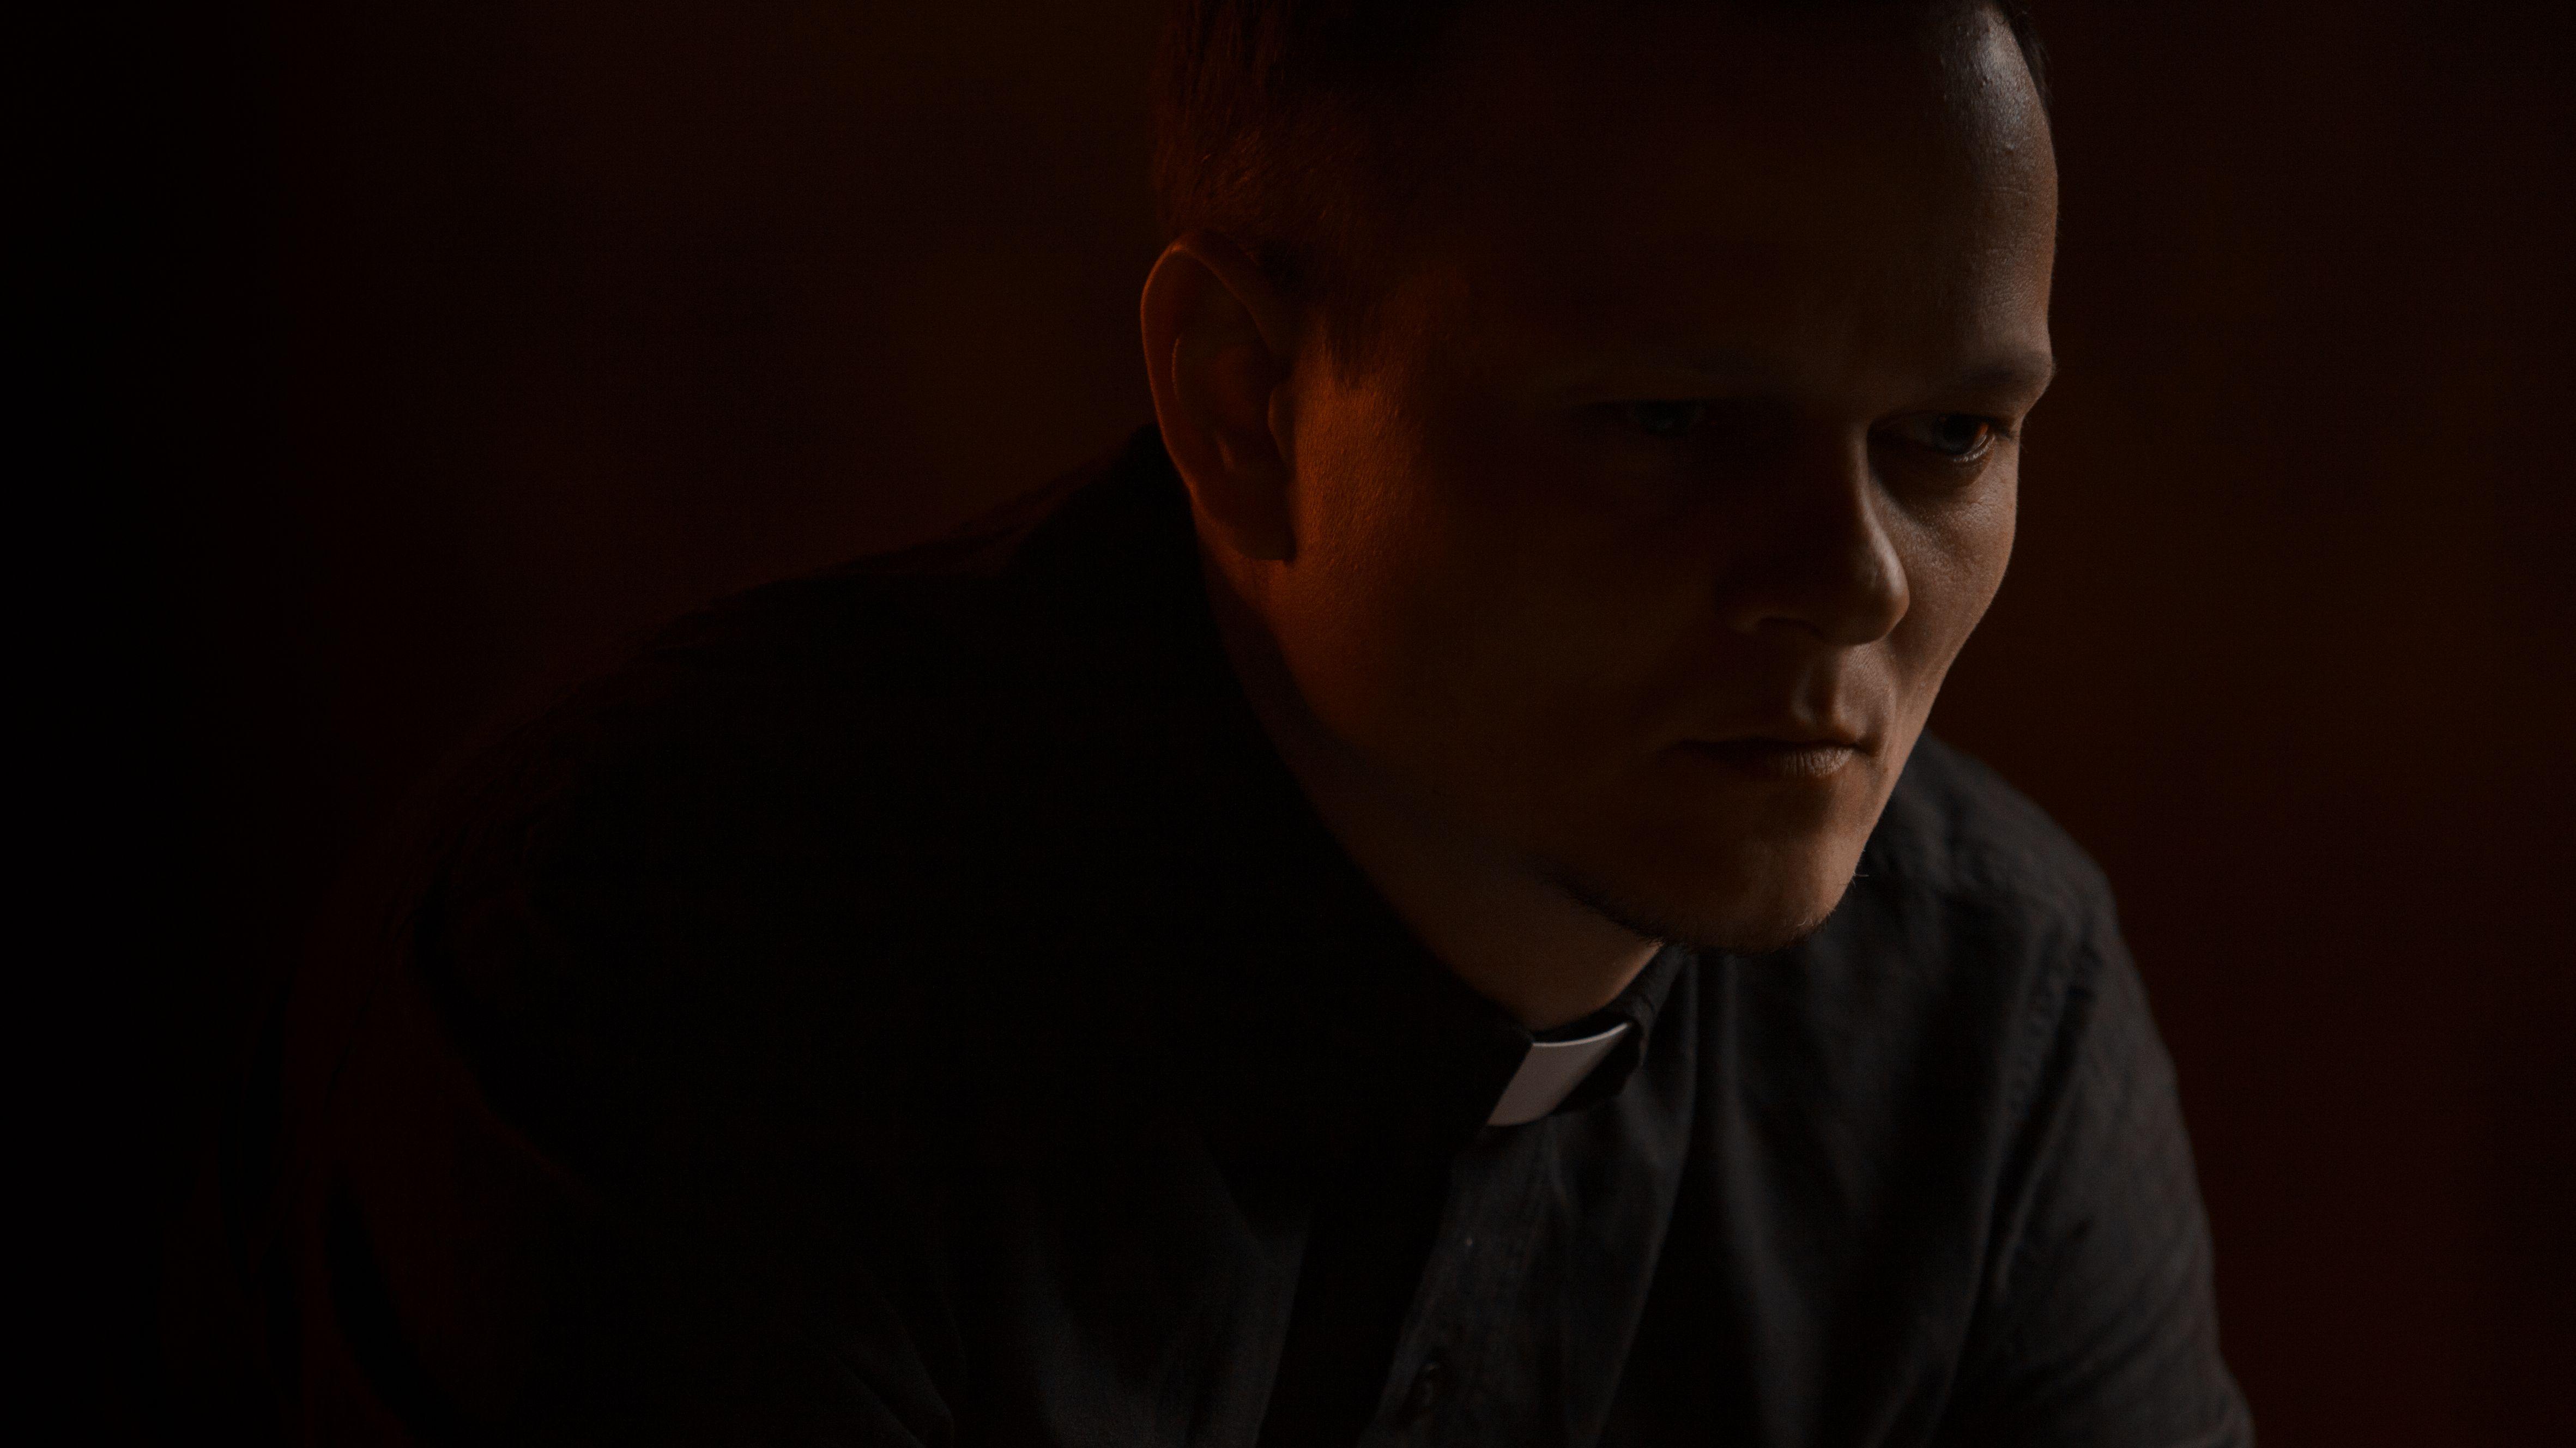 Katholische Kirche streitet um Zölibat - Worum geht es da?